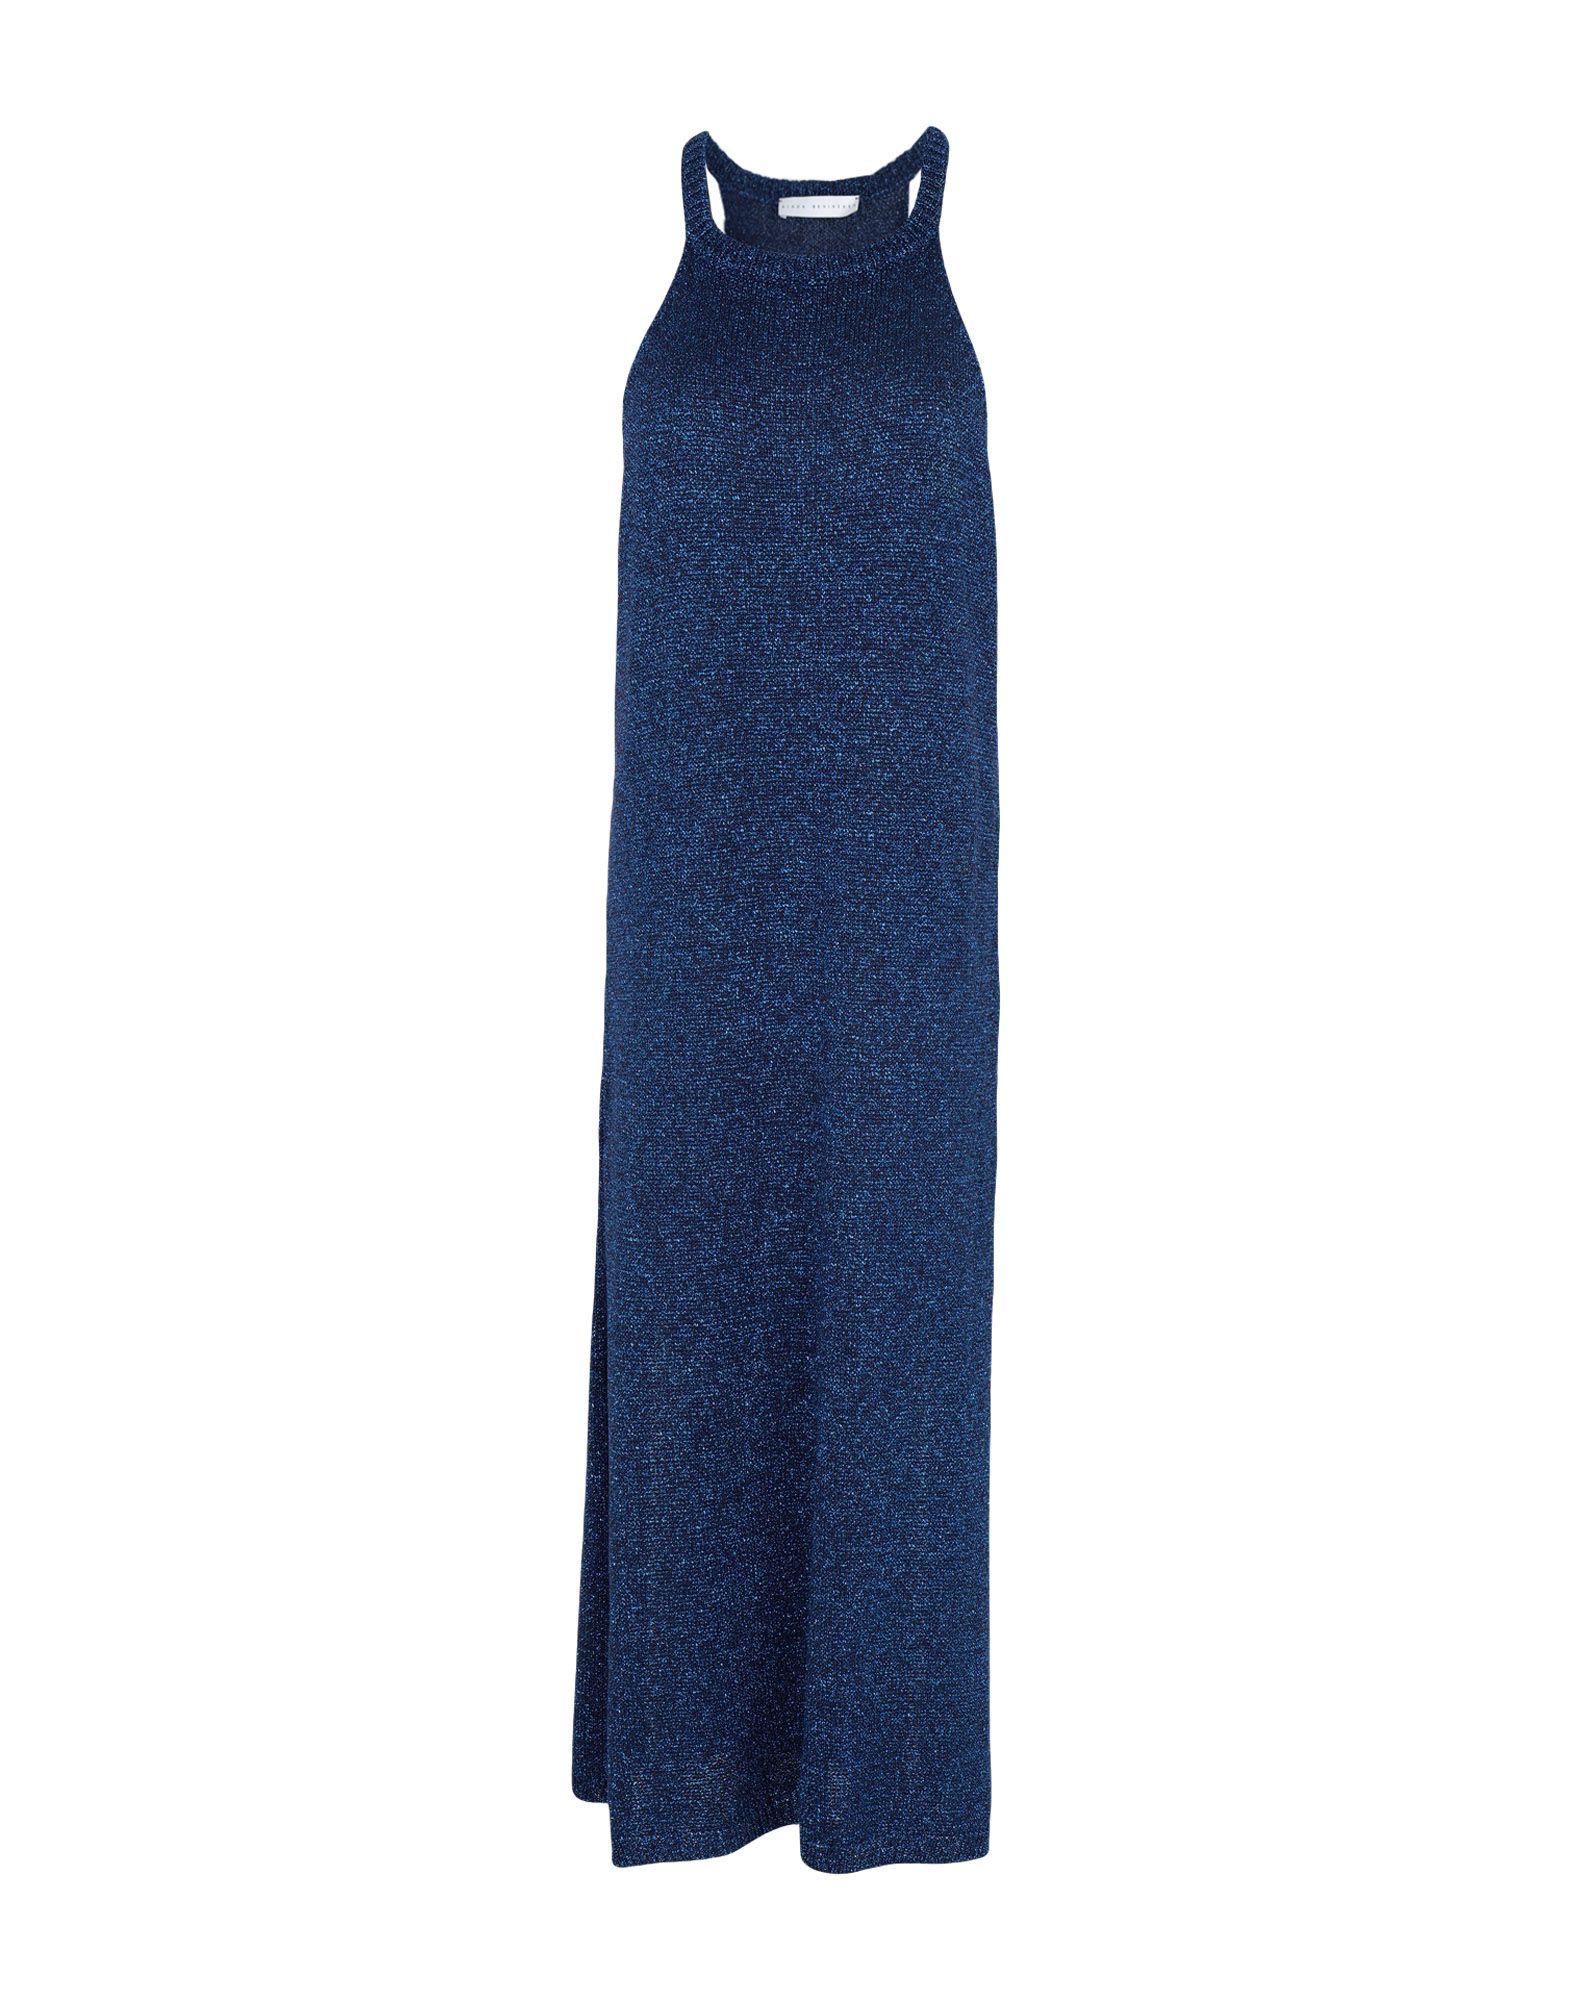 GIADA BENINCASA Платье длиной 3/4 цена